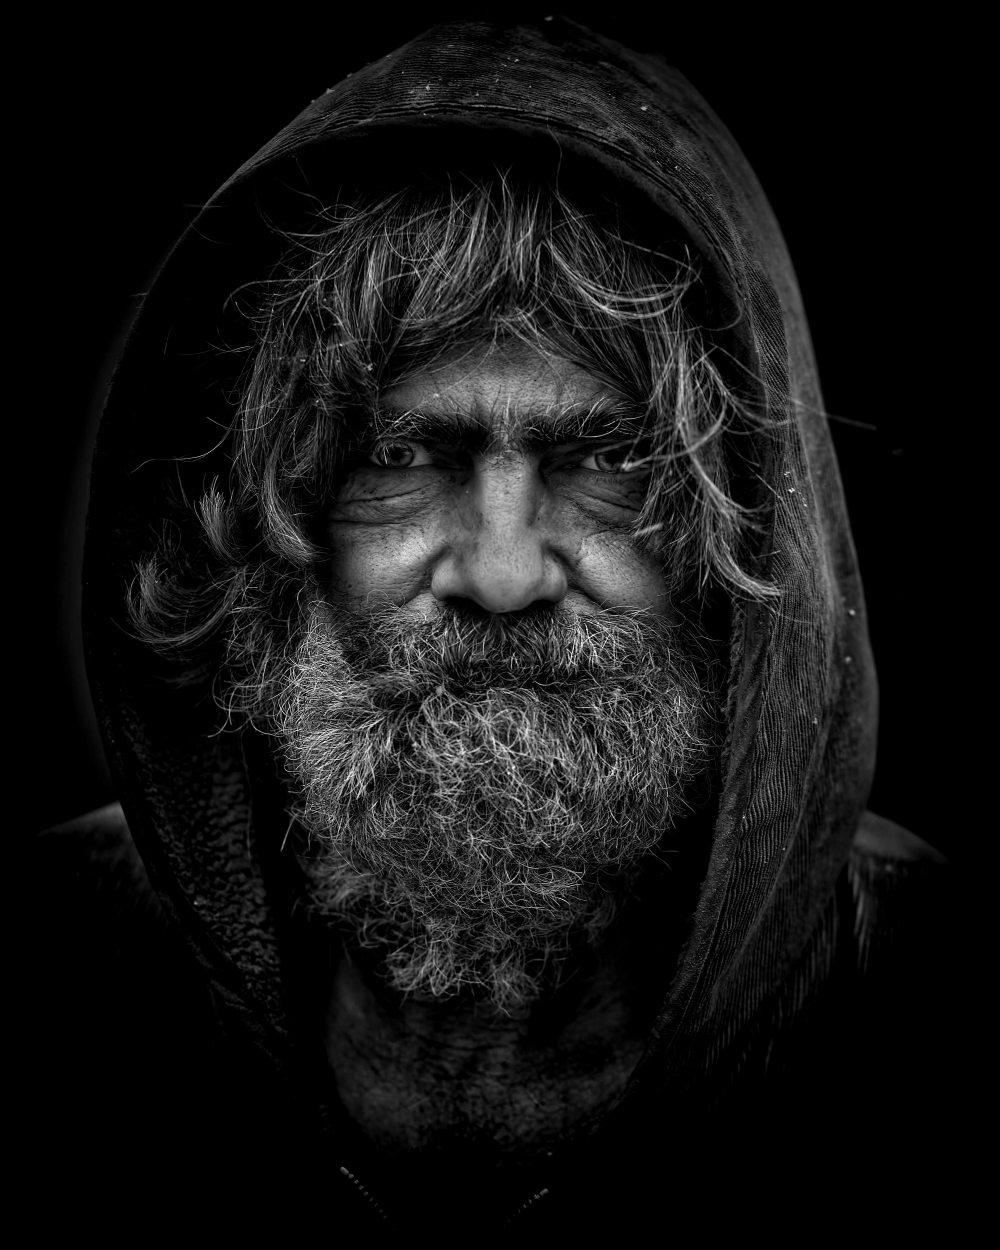 beard-dirty-grunge-35183.jpg